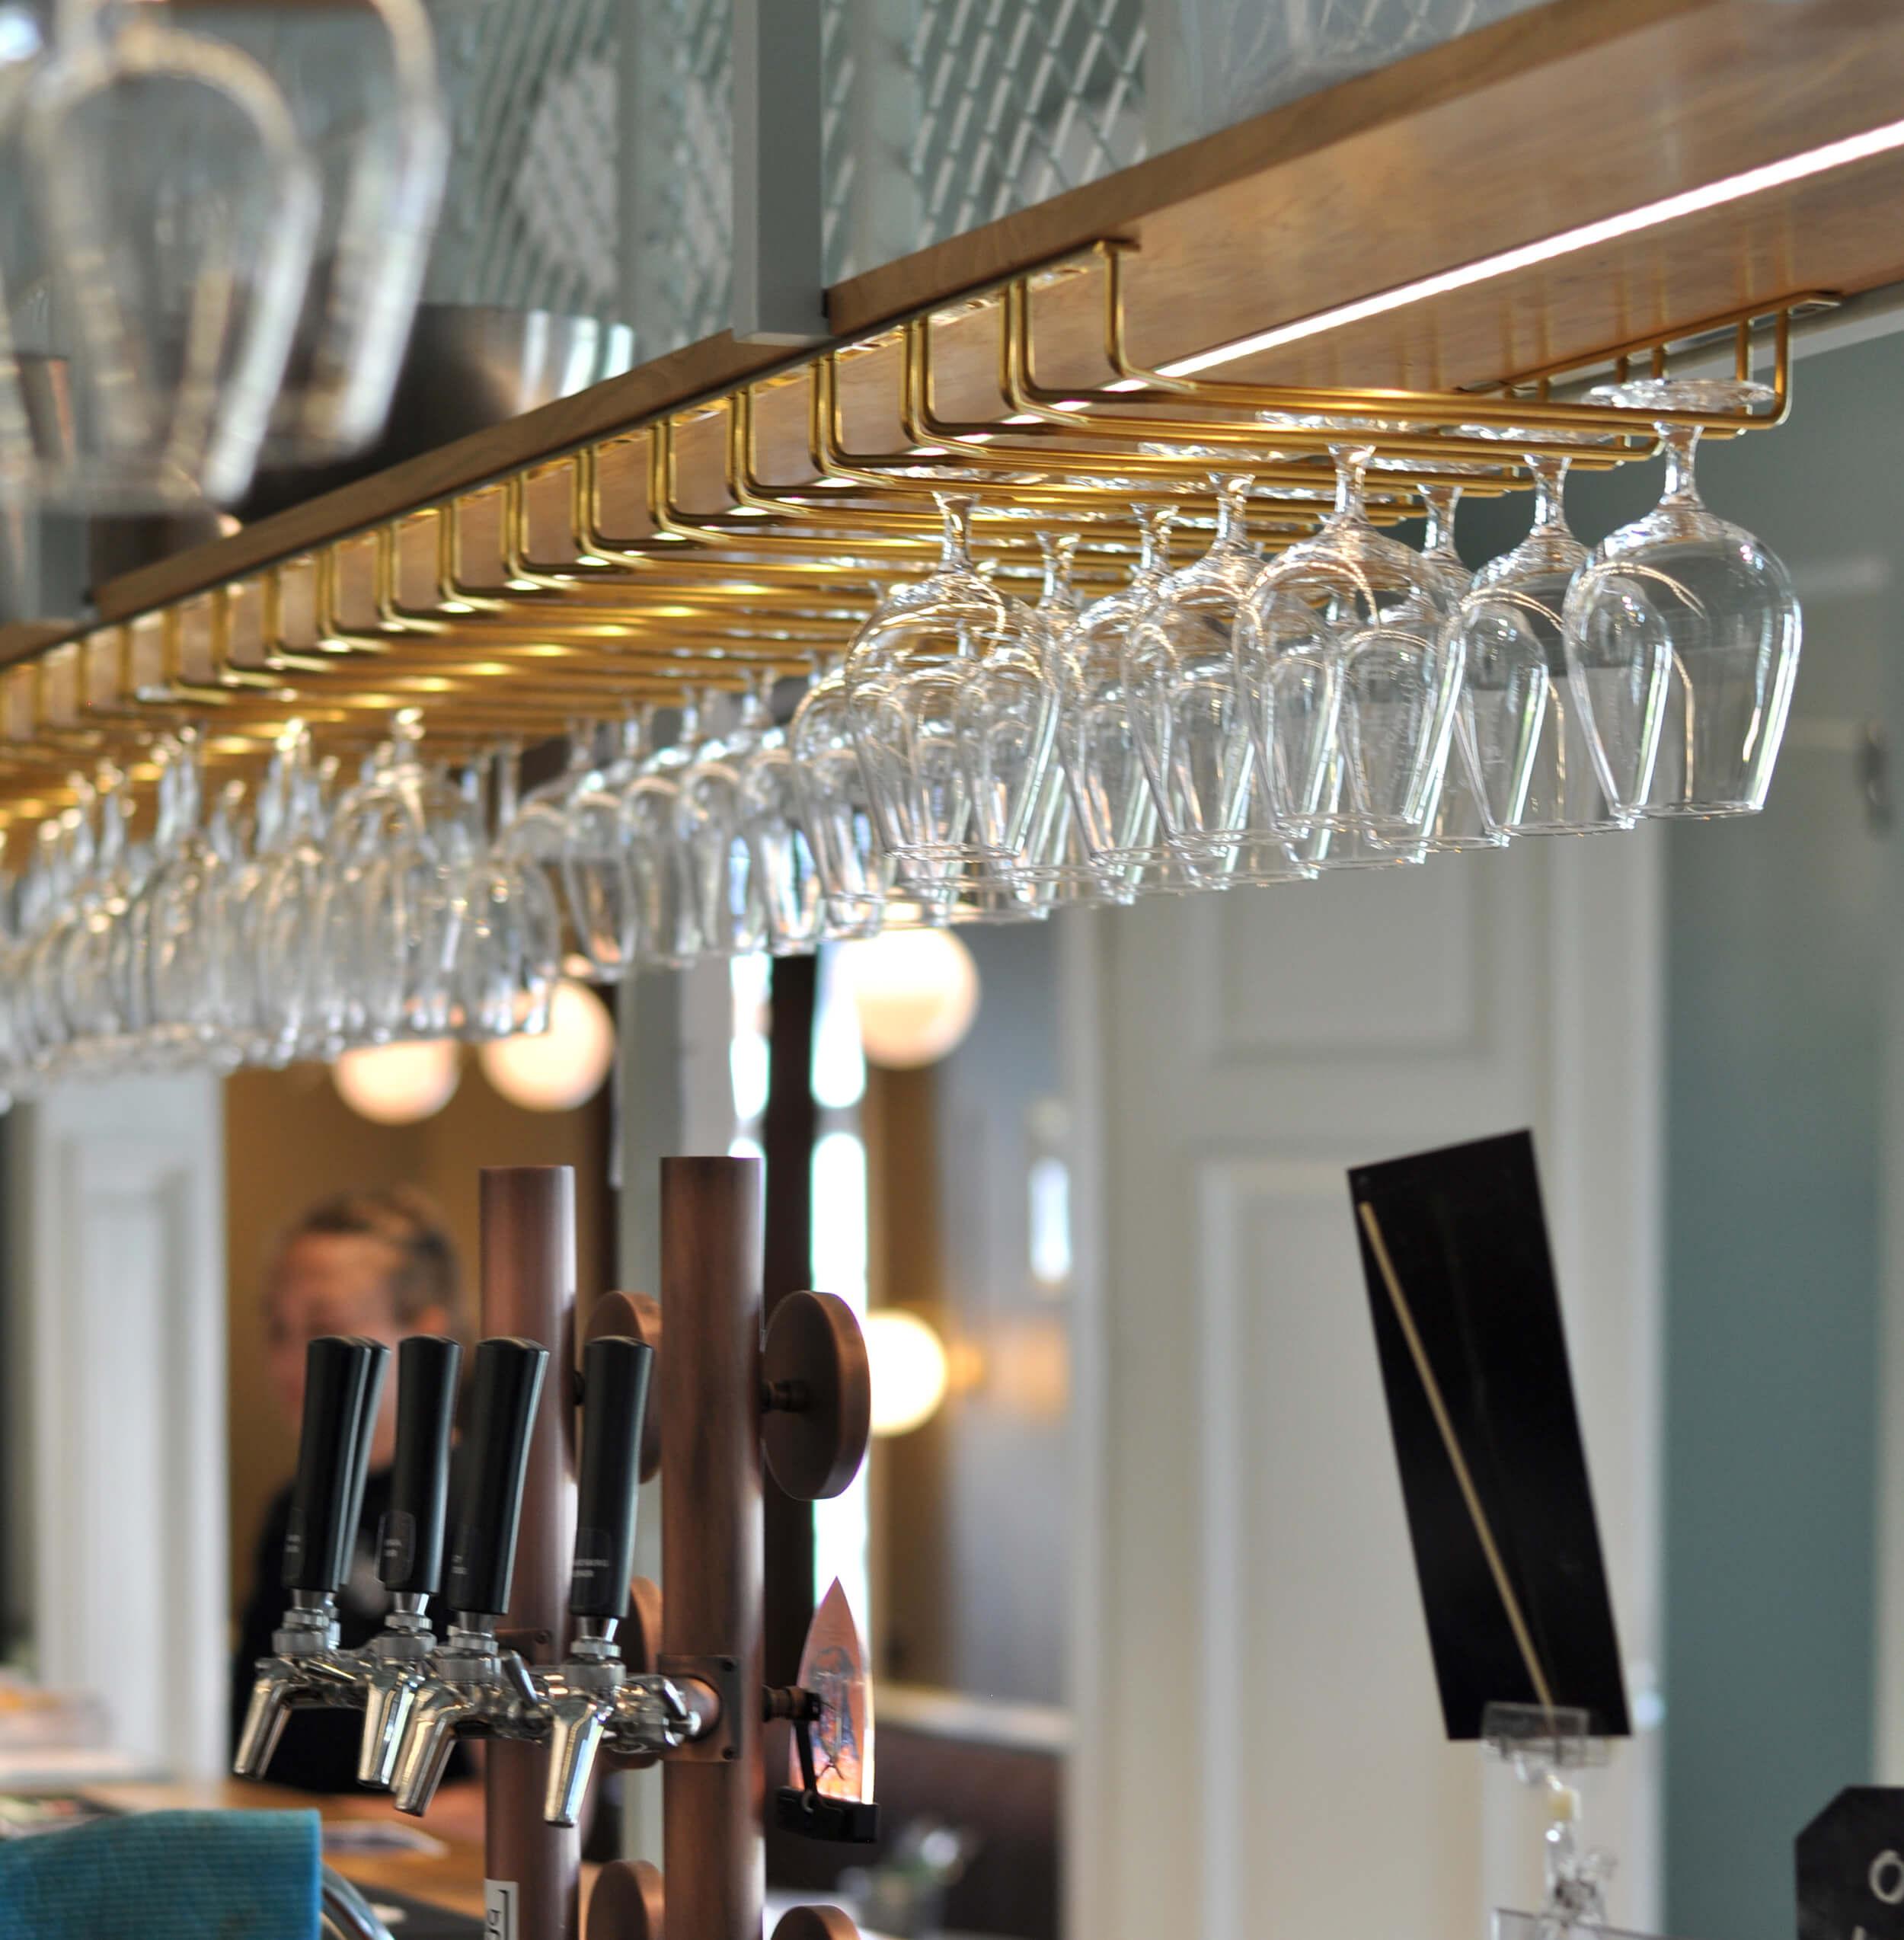 Närbild på glas upphängda i en bar